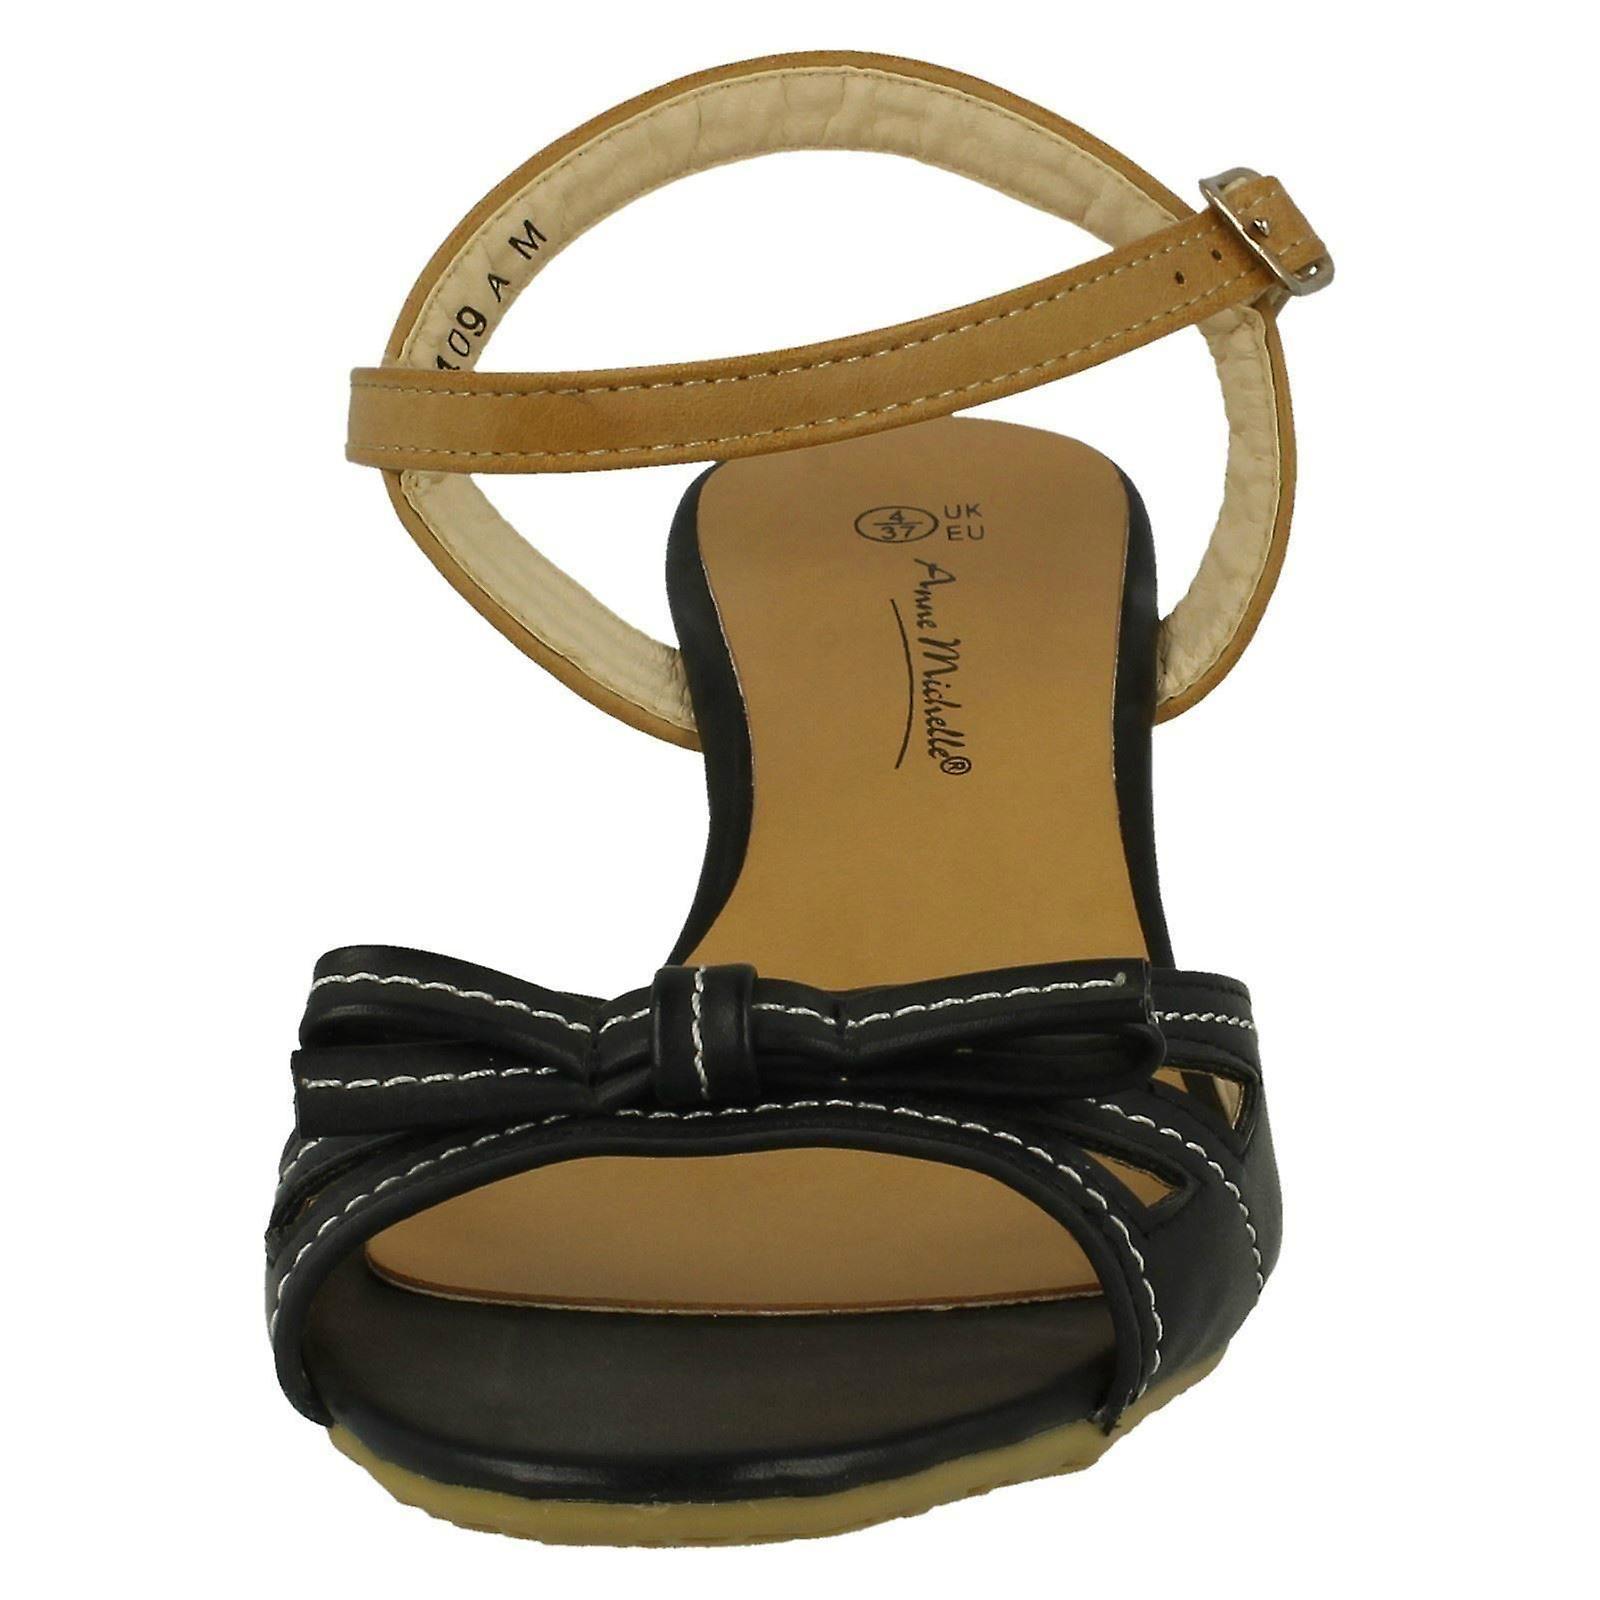 Mesdames Anne Michelle Open Toe Bow Sandales De Détail